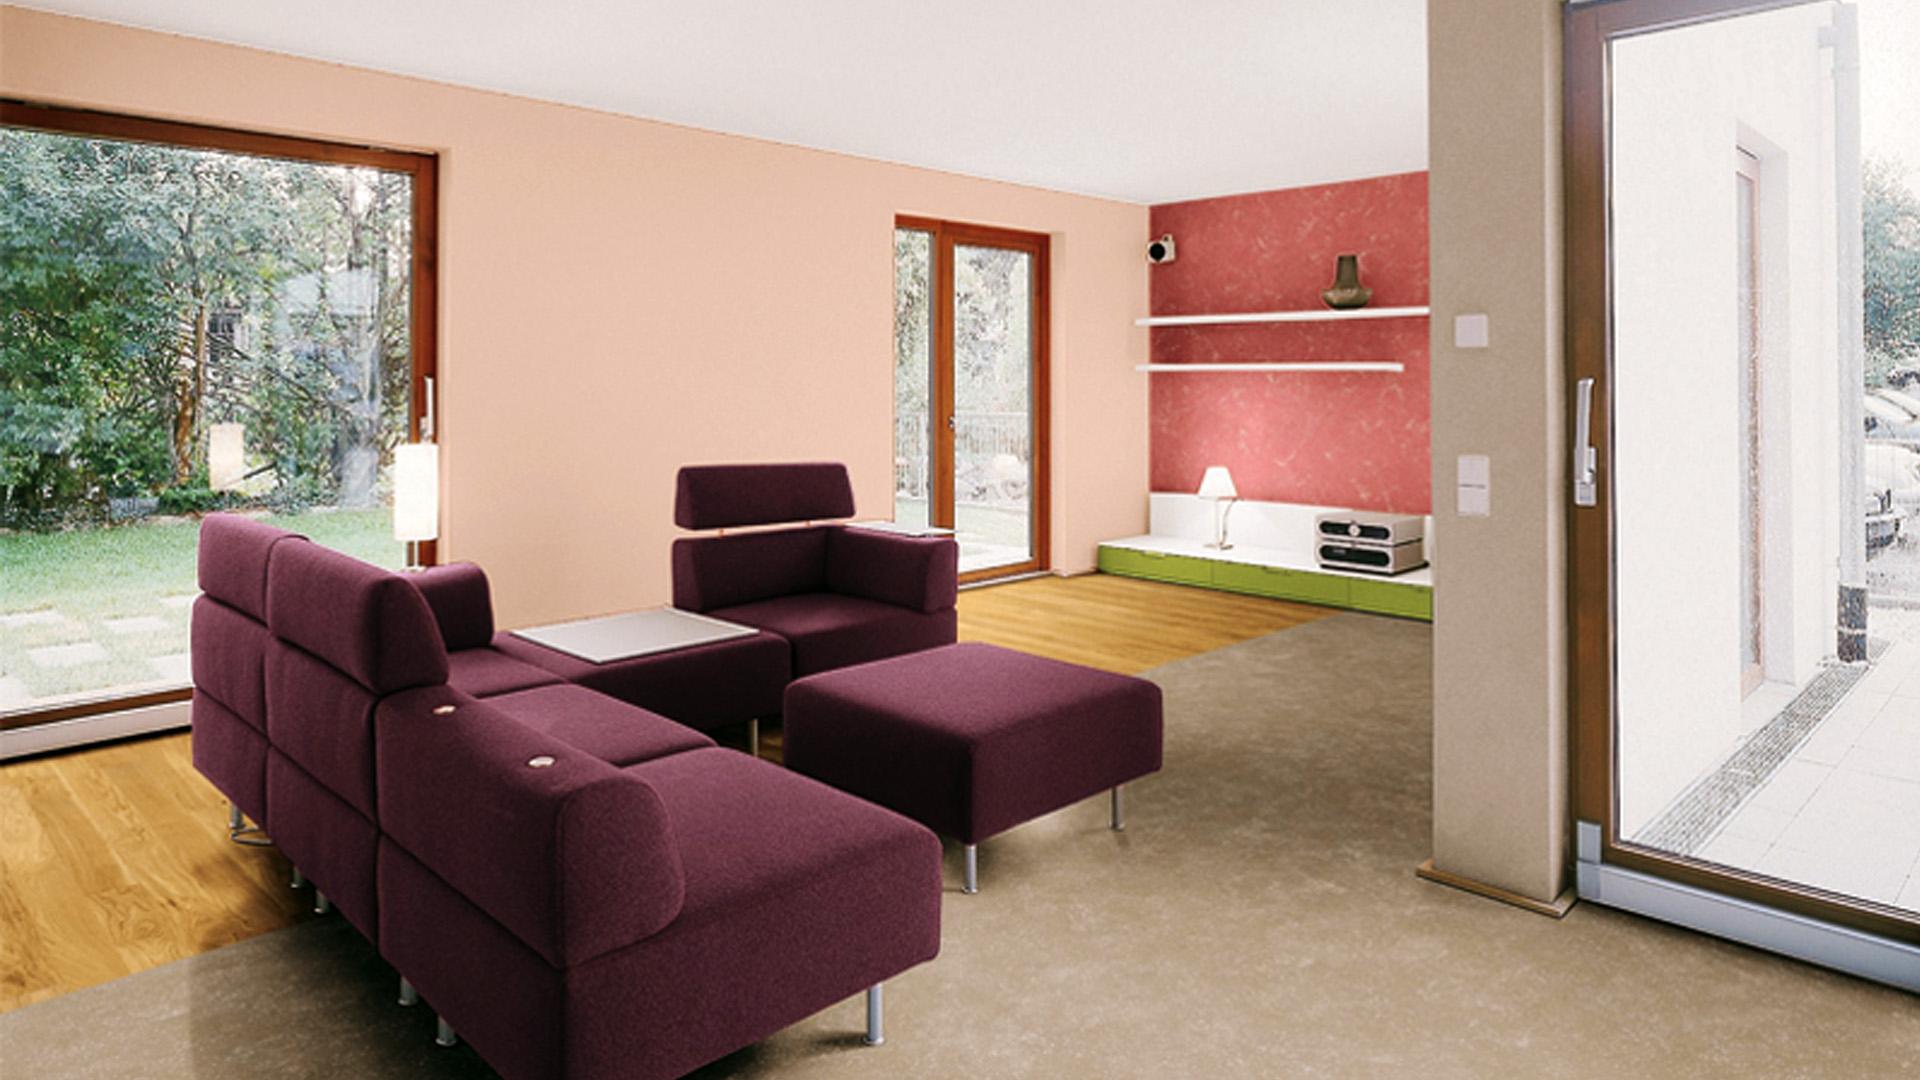 Wohnraumgestaltung - We Ge Bau Der Spezialist für Fassadensanierung ...